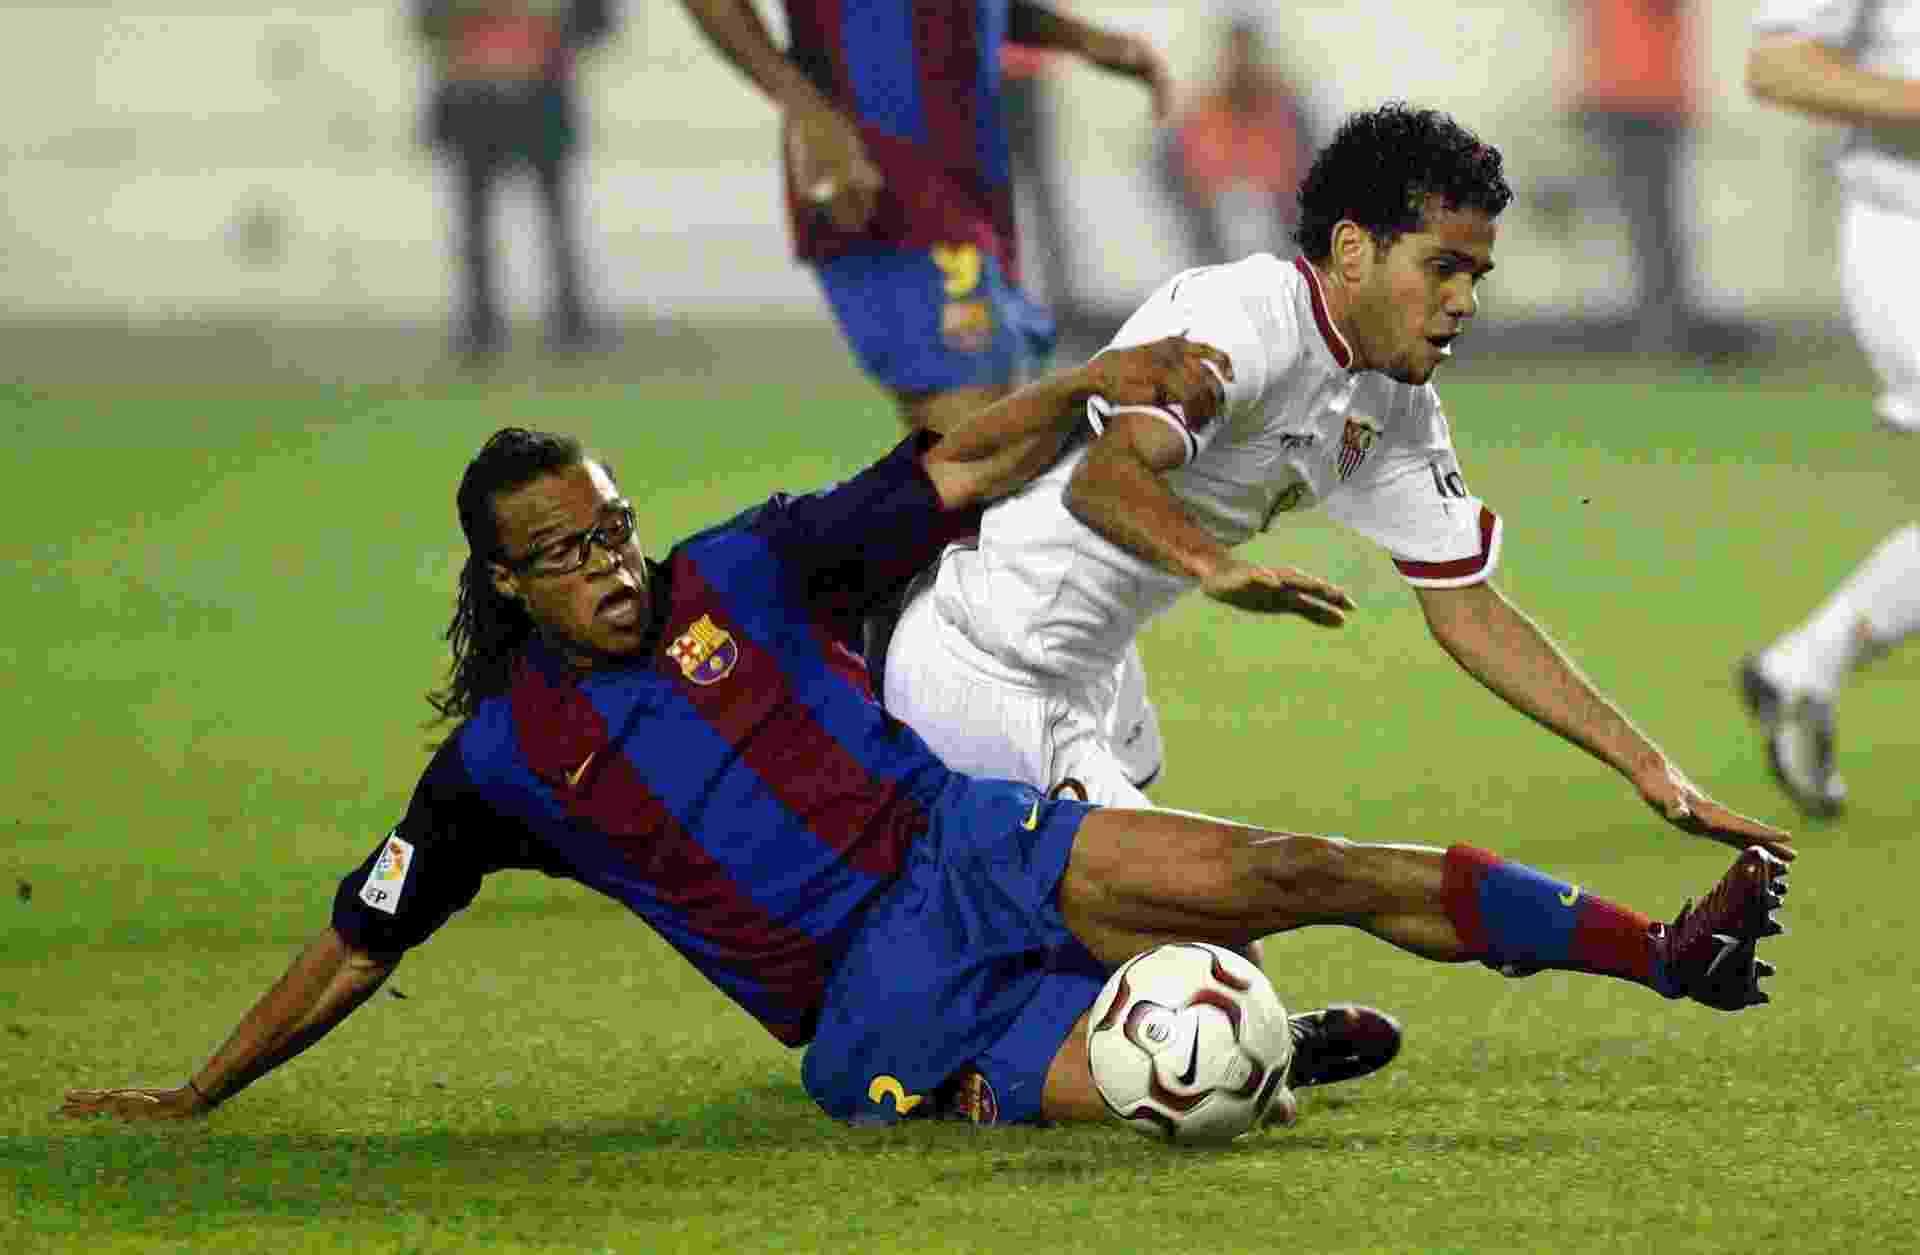 Daniel Alves em ação pelo Sevilla, em janeiro de 2004, em partida contra o Barcelona de Davids - FiroFoto/Getty Images